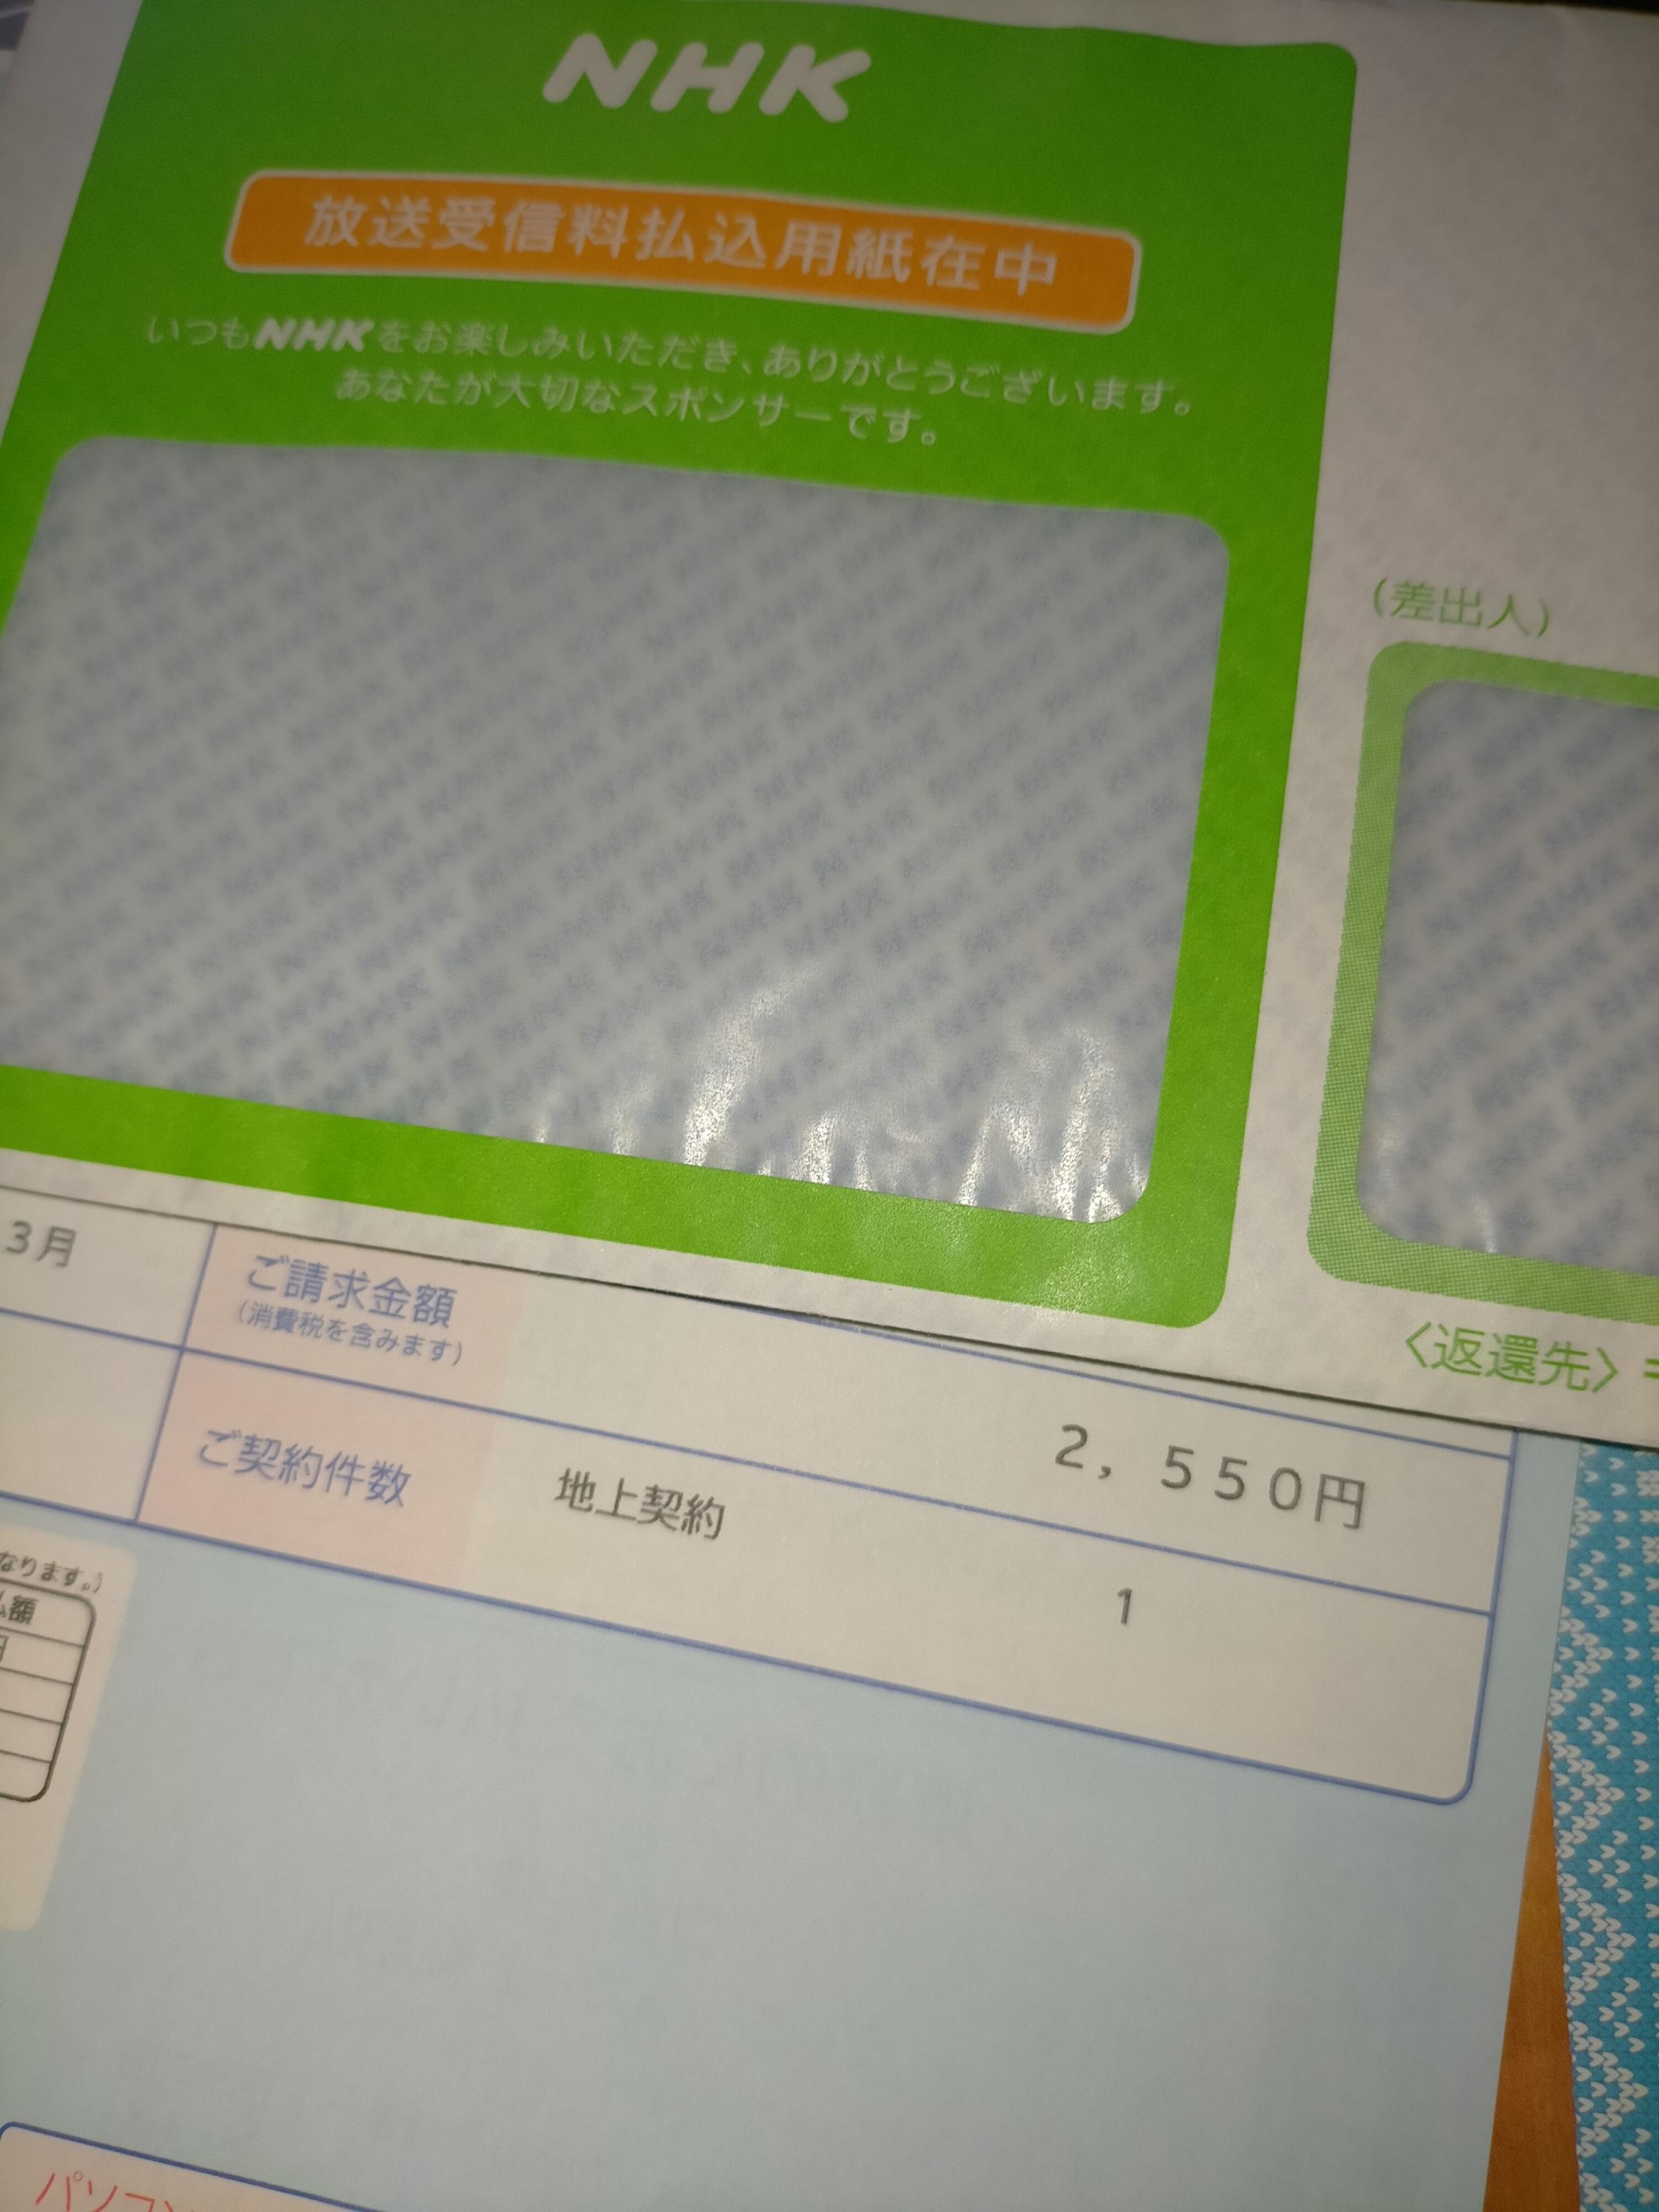 card_credit_nhk_202102_.jpg